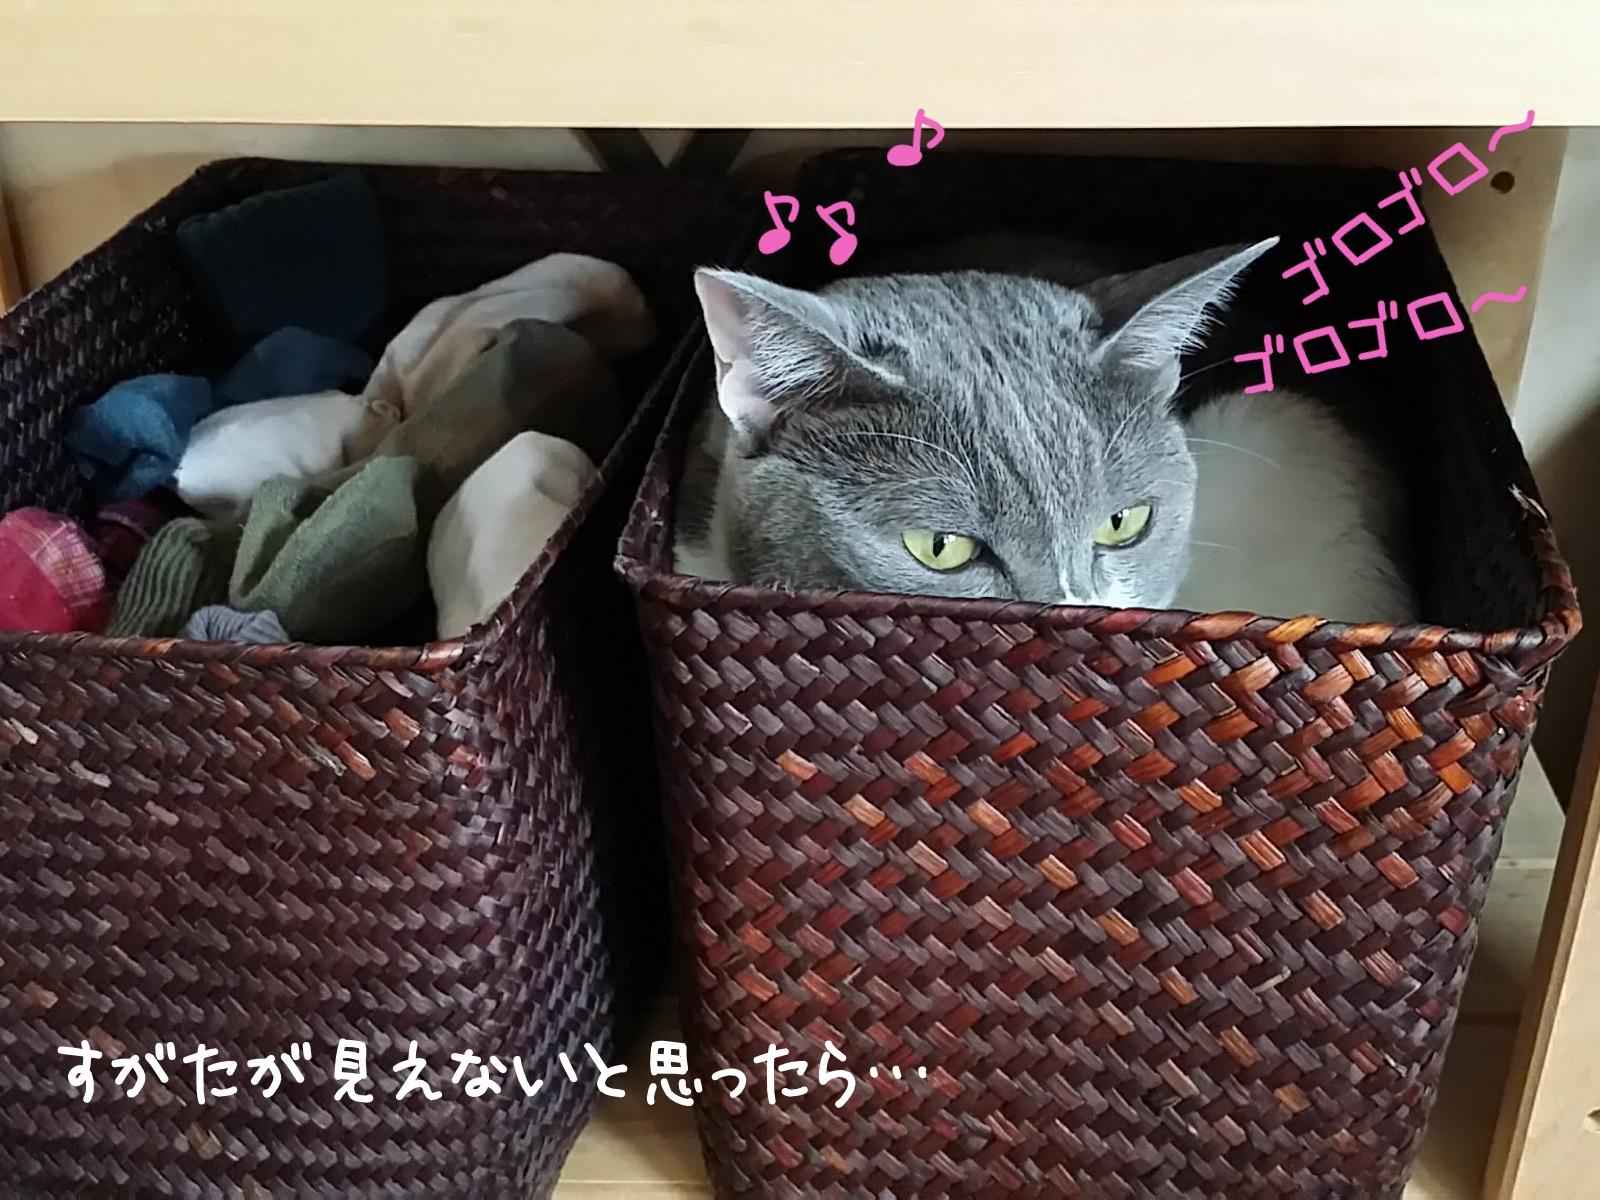 棚に隠れて潜んでいる猫の写真